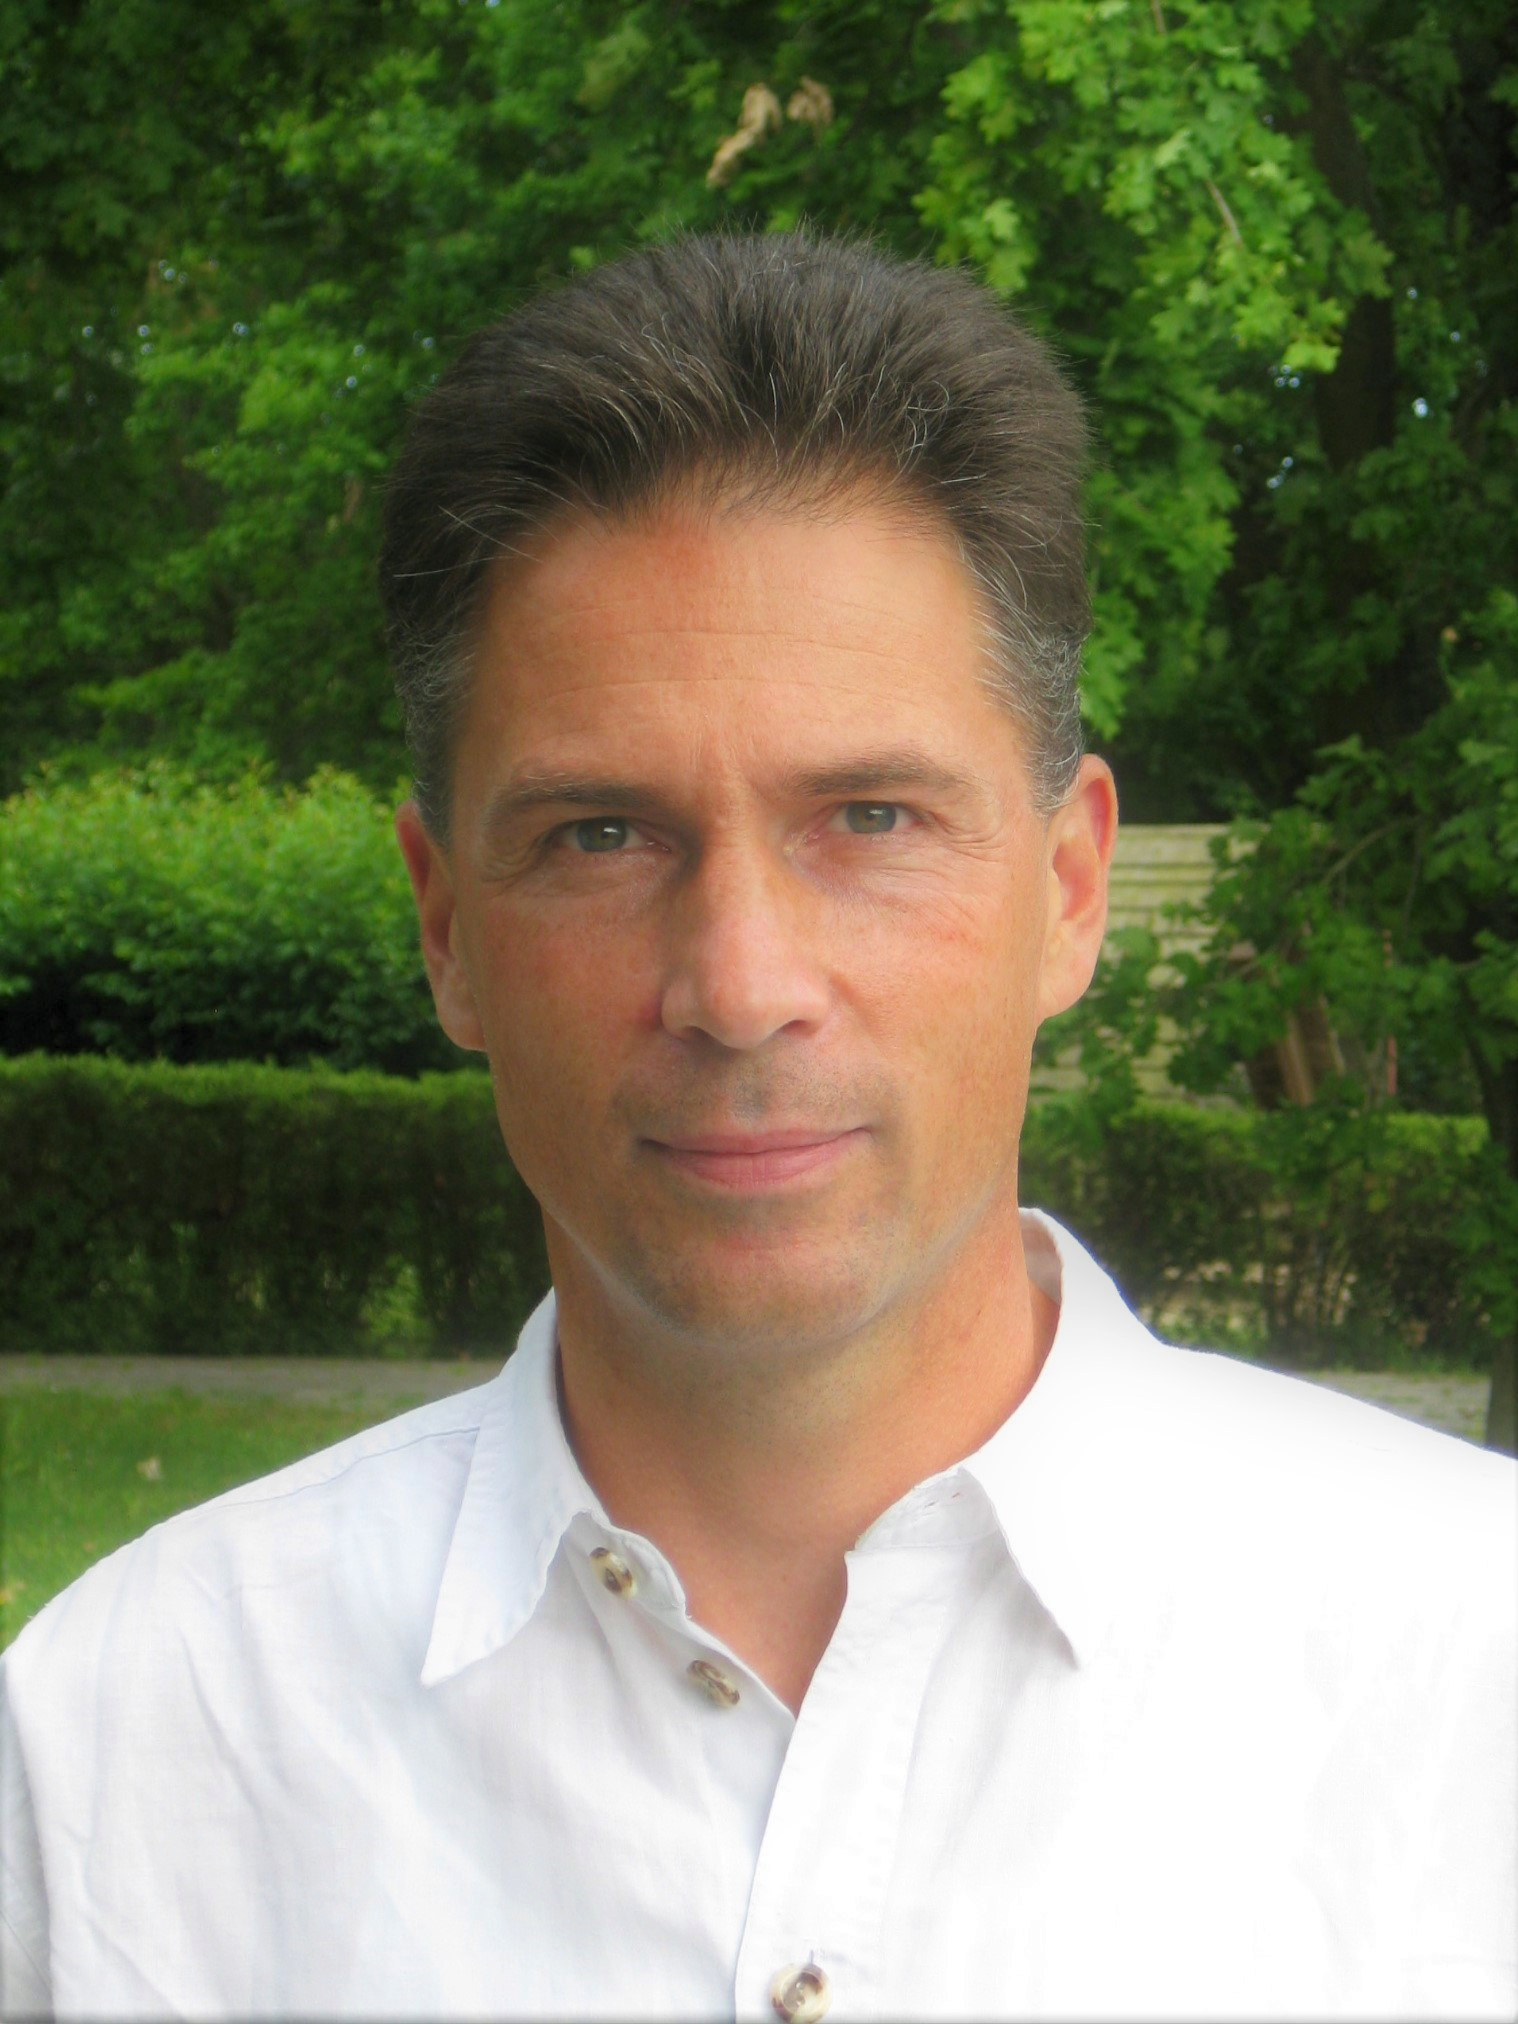 Prof. Dr. Klaus Fischer wird in den kommenden vier Jahren als DFG-Fachkollegiat Förderanträge begutachten dürfen. Foto: privat